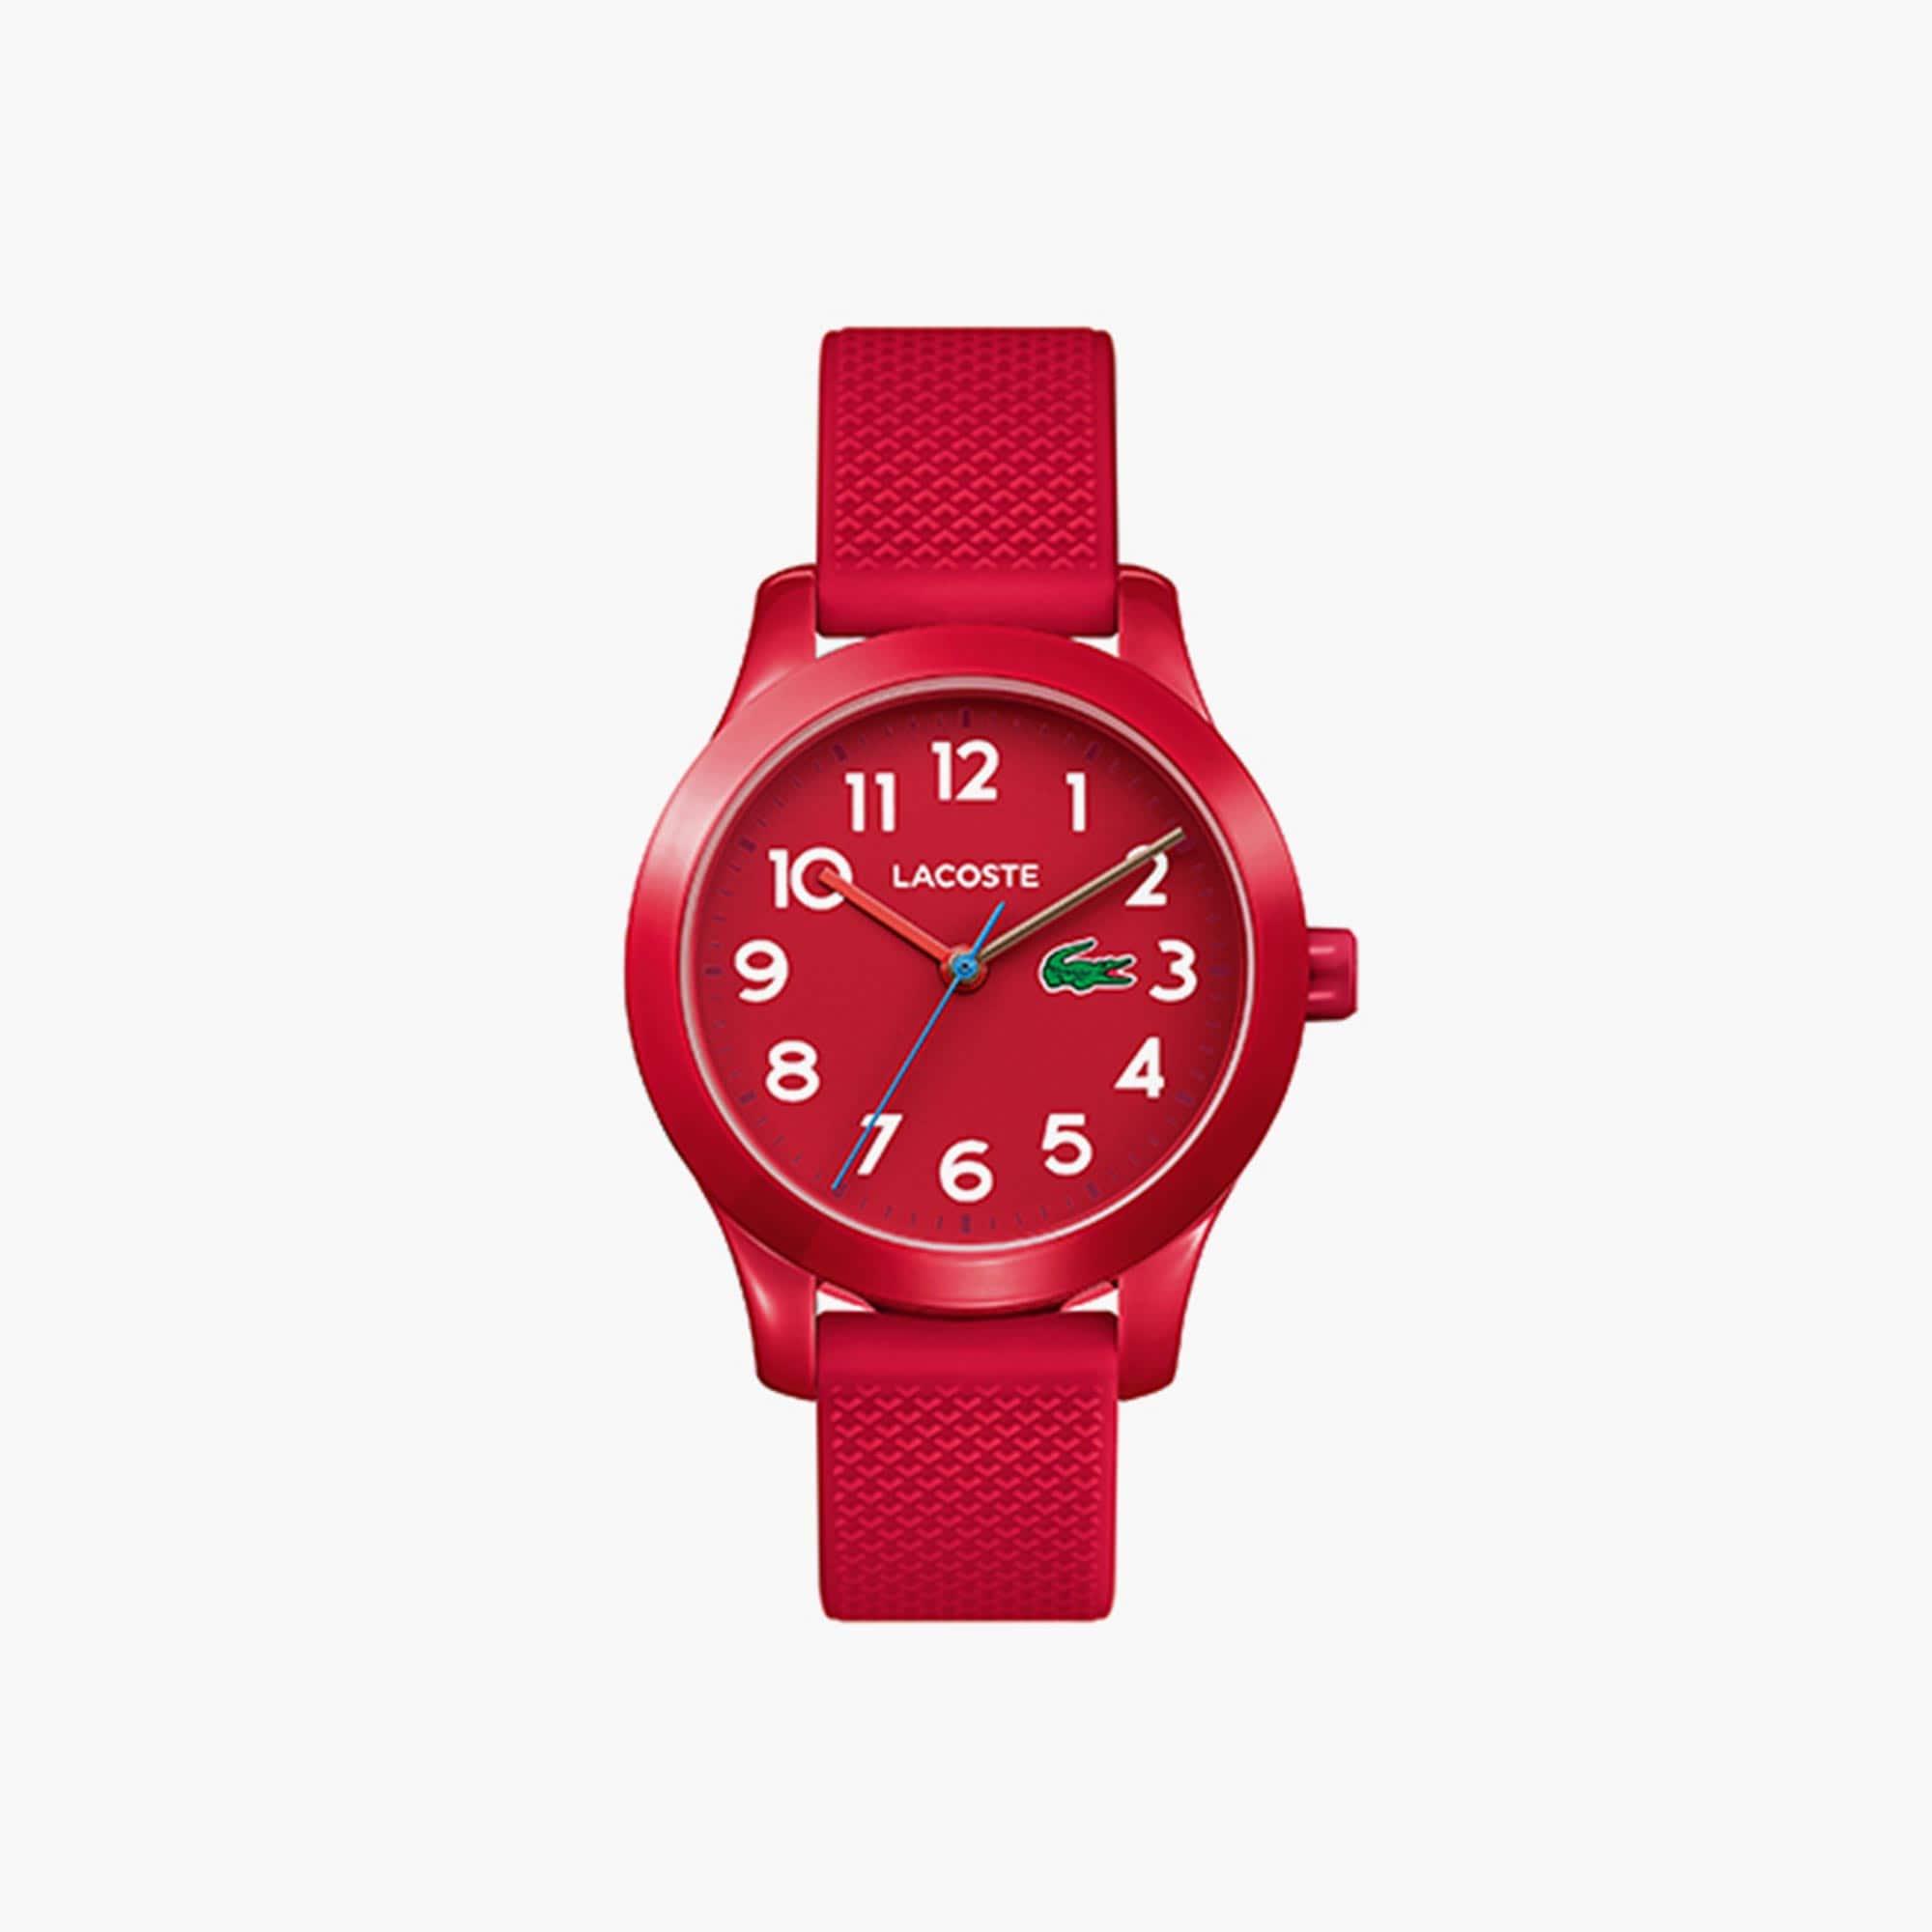 Orologio Lacoste 12.12 da bambino con cinturino in silicone rosso